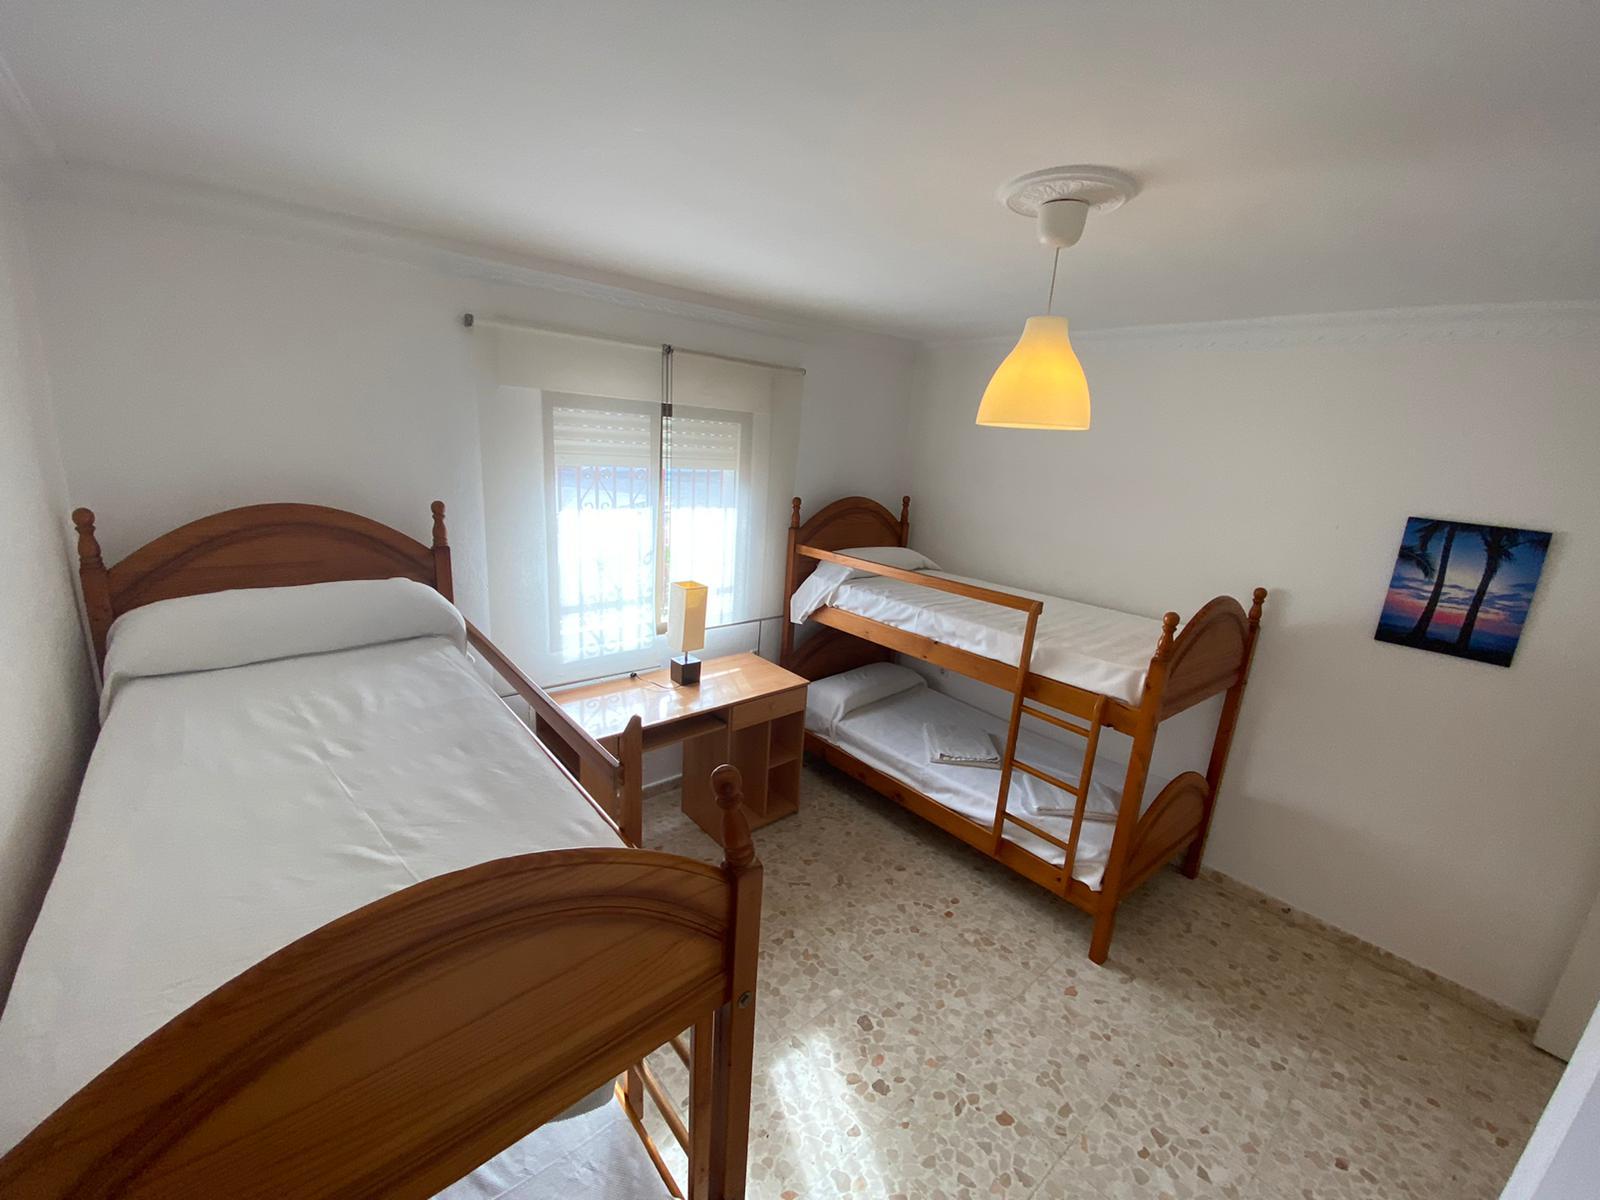 Imagen 40 del Vivienda Turística en Pueblo Marinero, (4d+2b), Punta del Moral (HUELVA), Avda. de la Palmera s-n